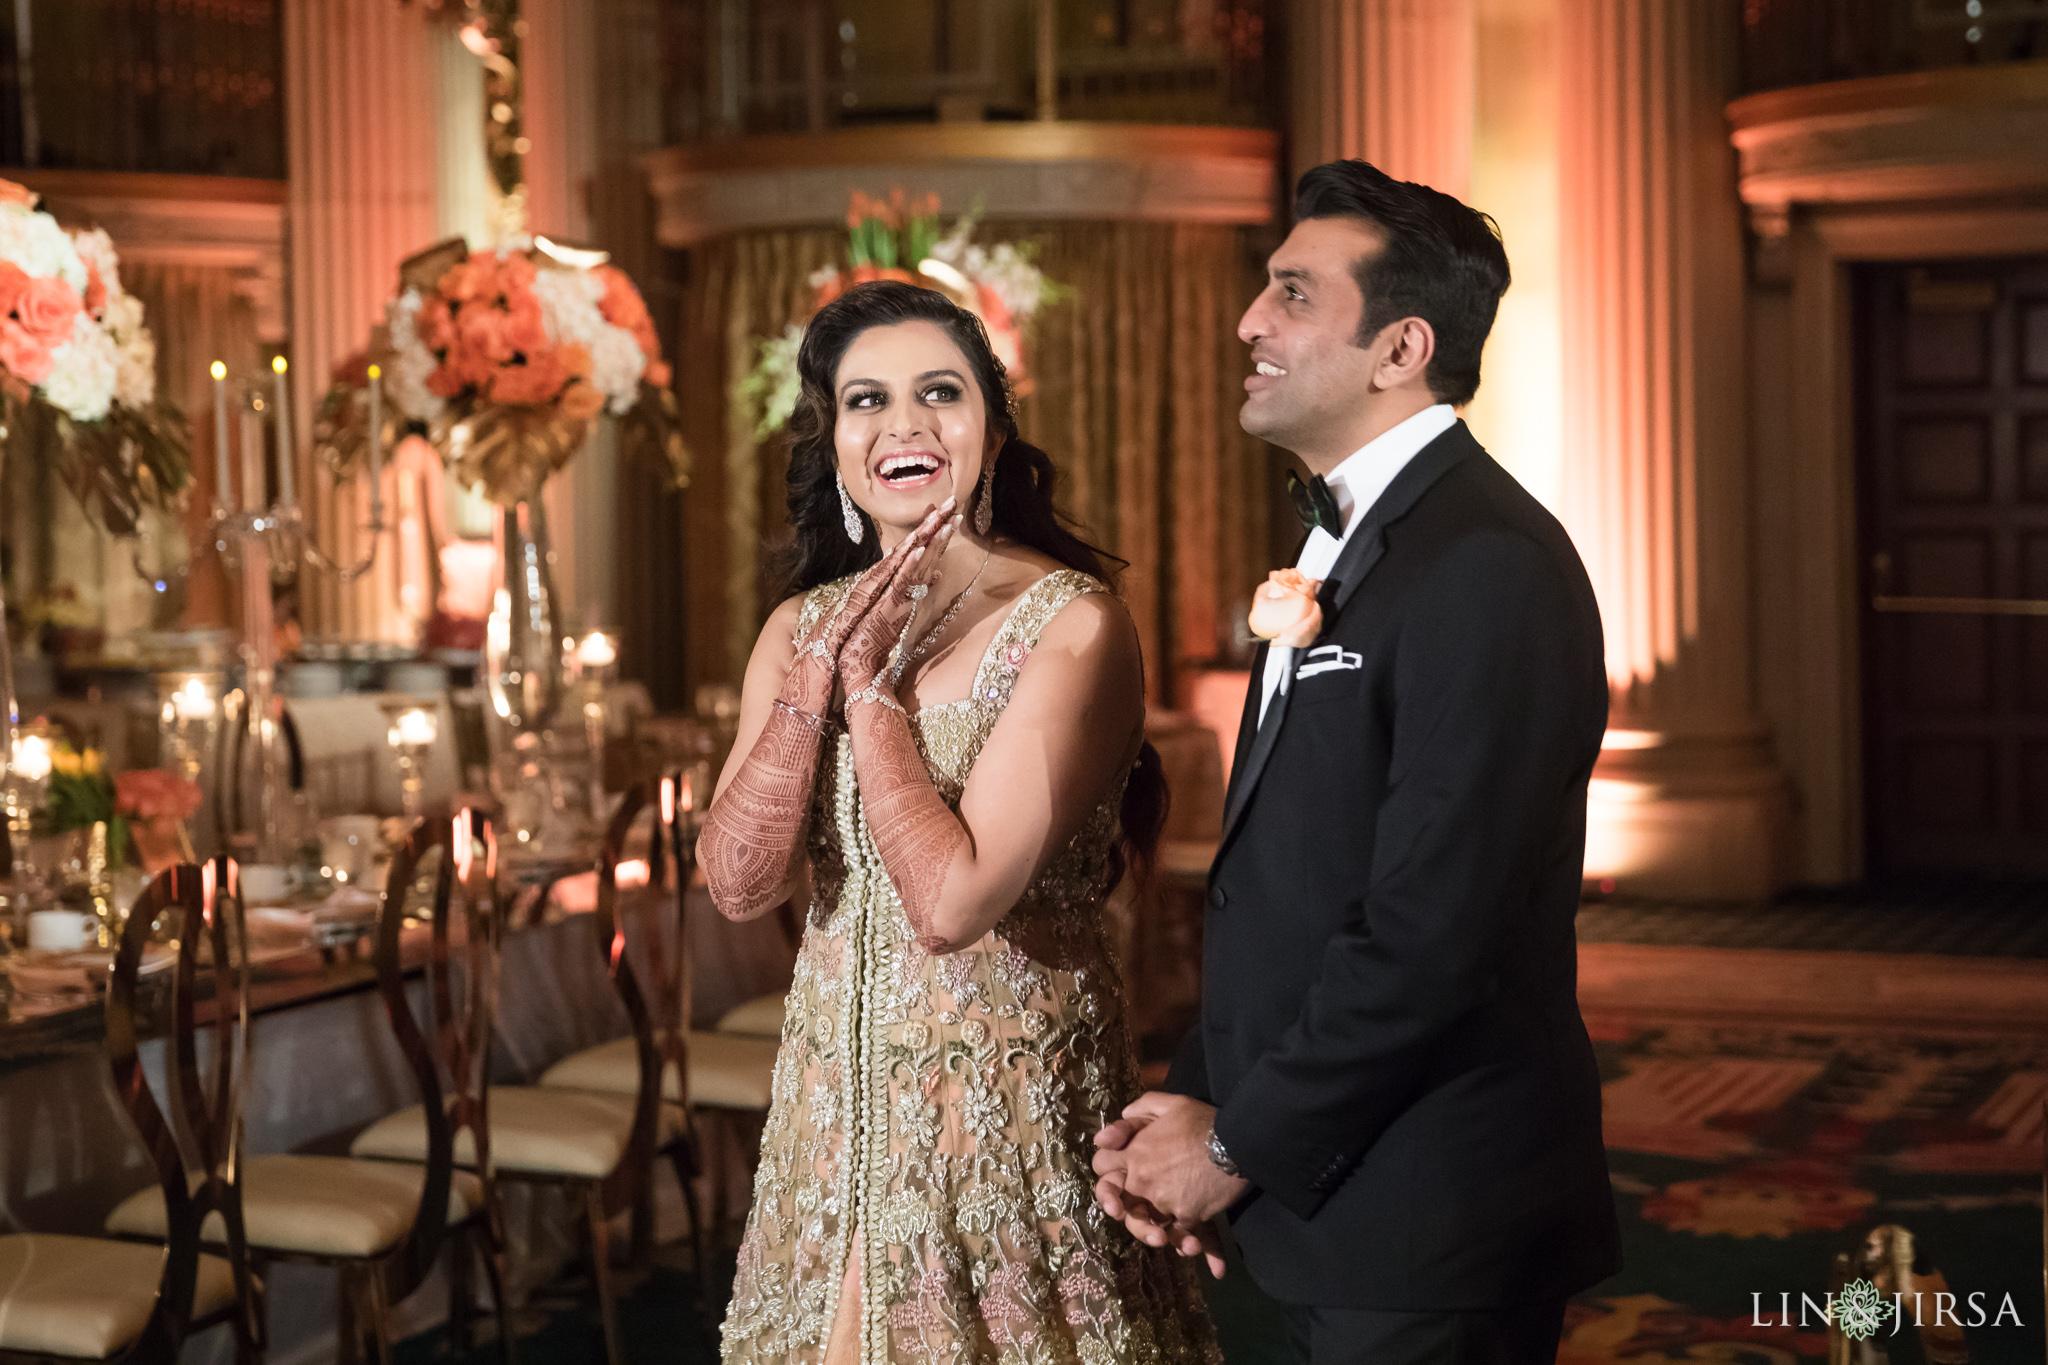 17-biltmore-hotel-los-angeles-wedding-reception-photography